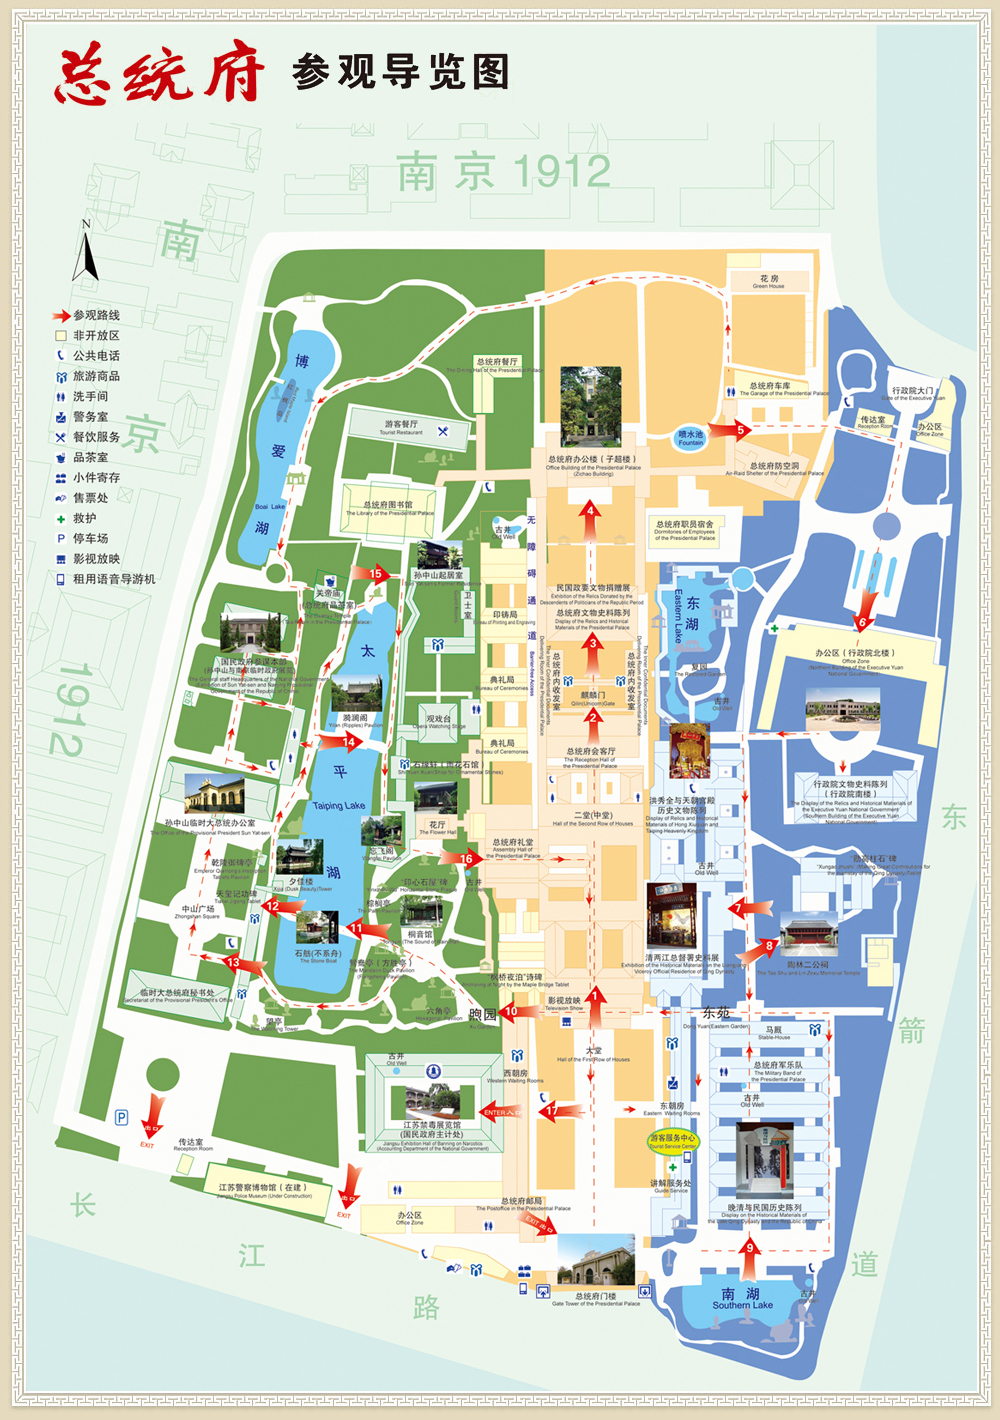 南京总统府导览地图 @南京总统府官网